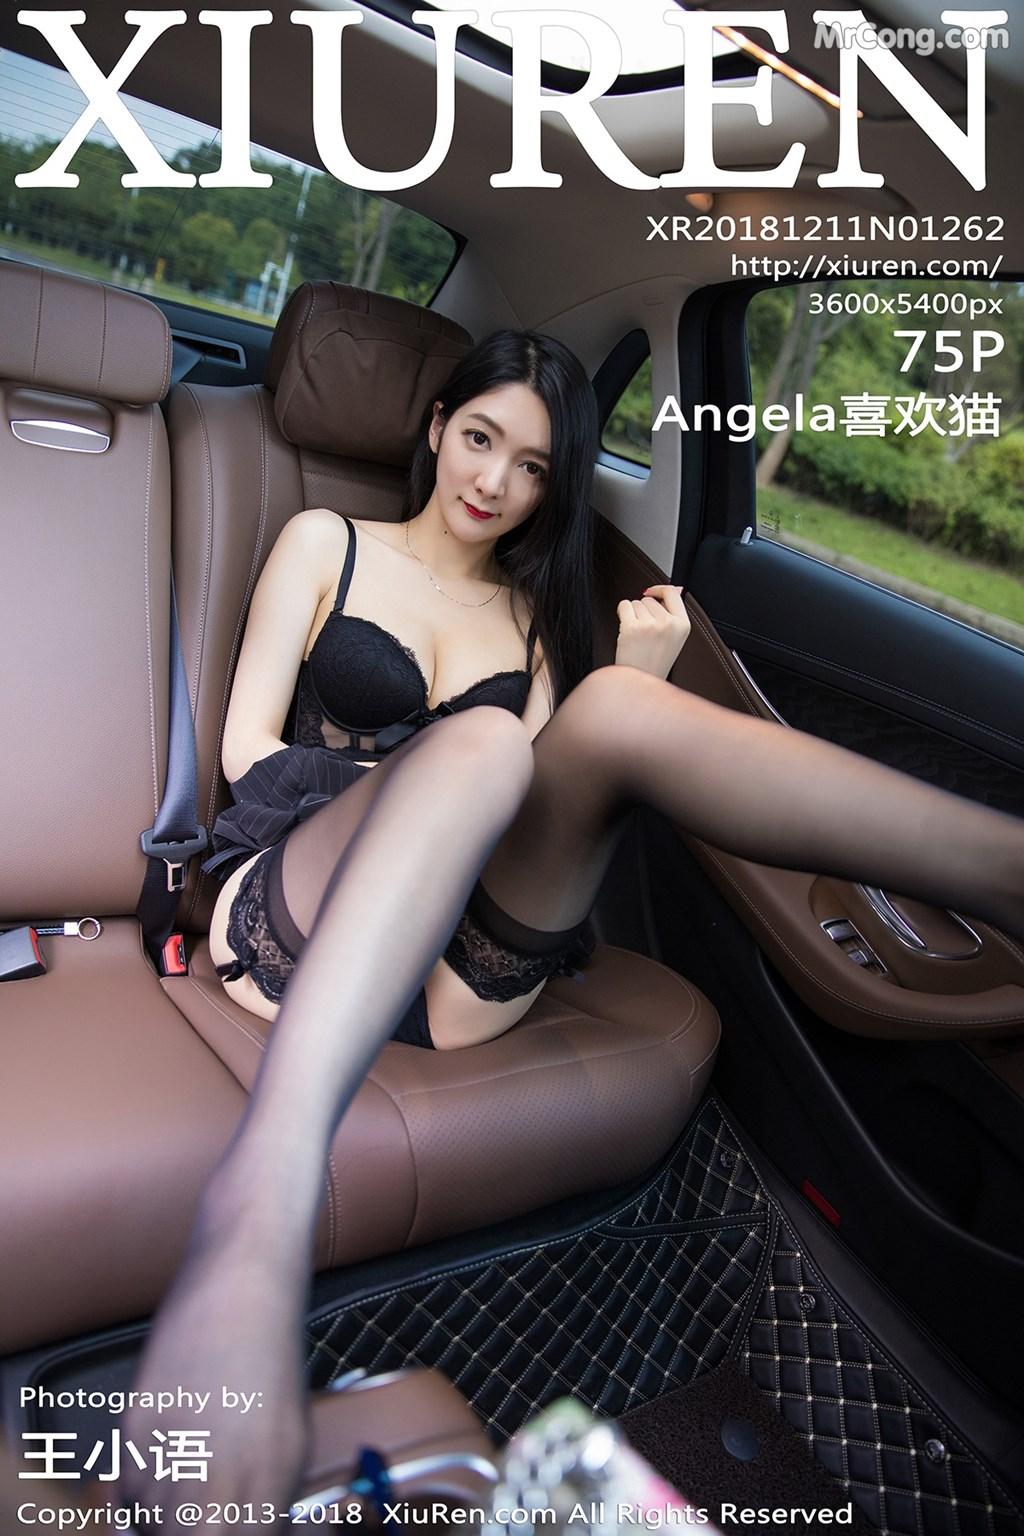 XIUREN No.1262: Người mẫu Xiao Reba (Angela喜欢猫) (76 ảnh)